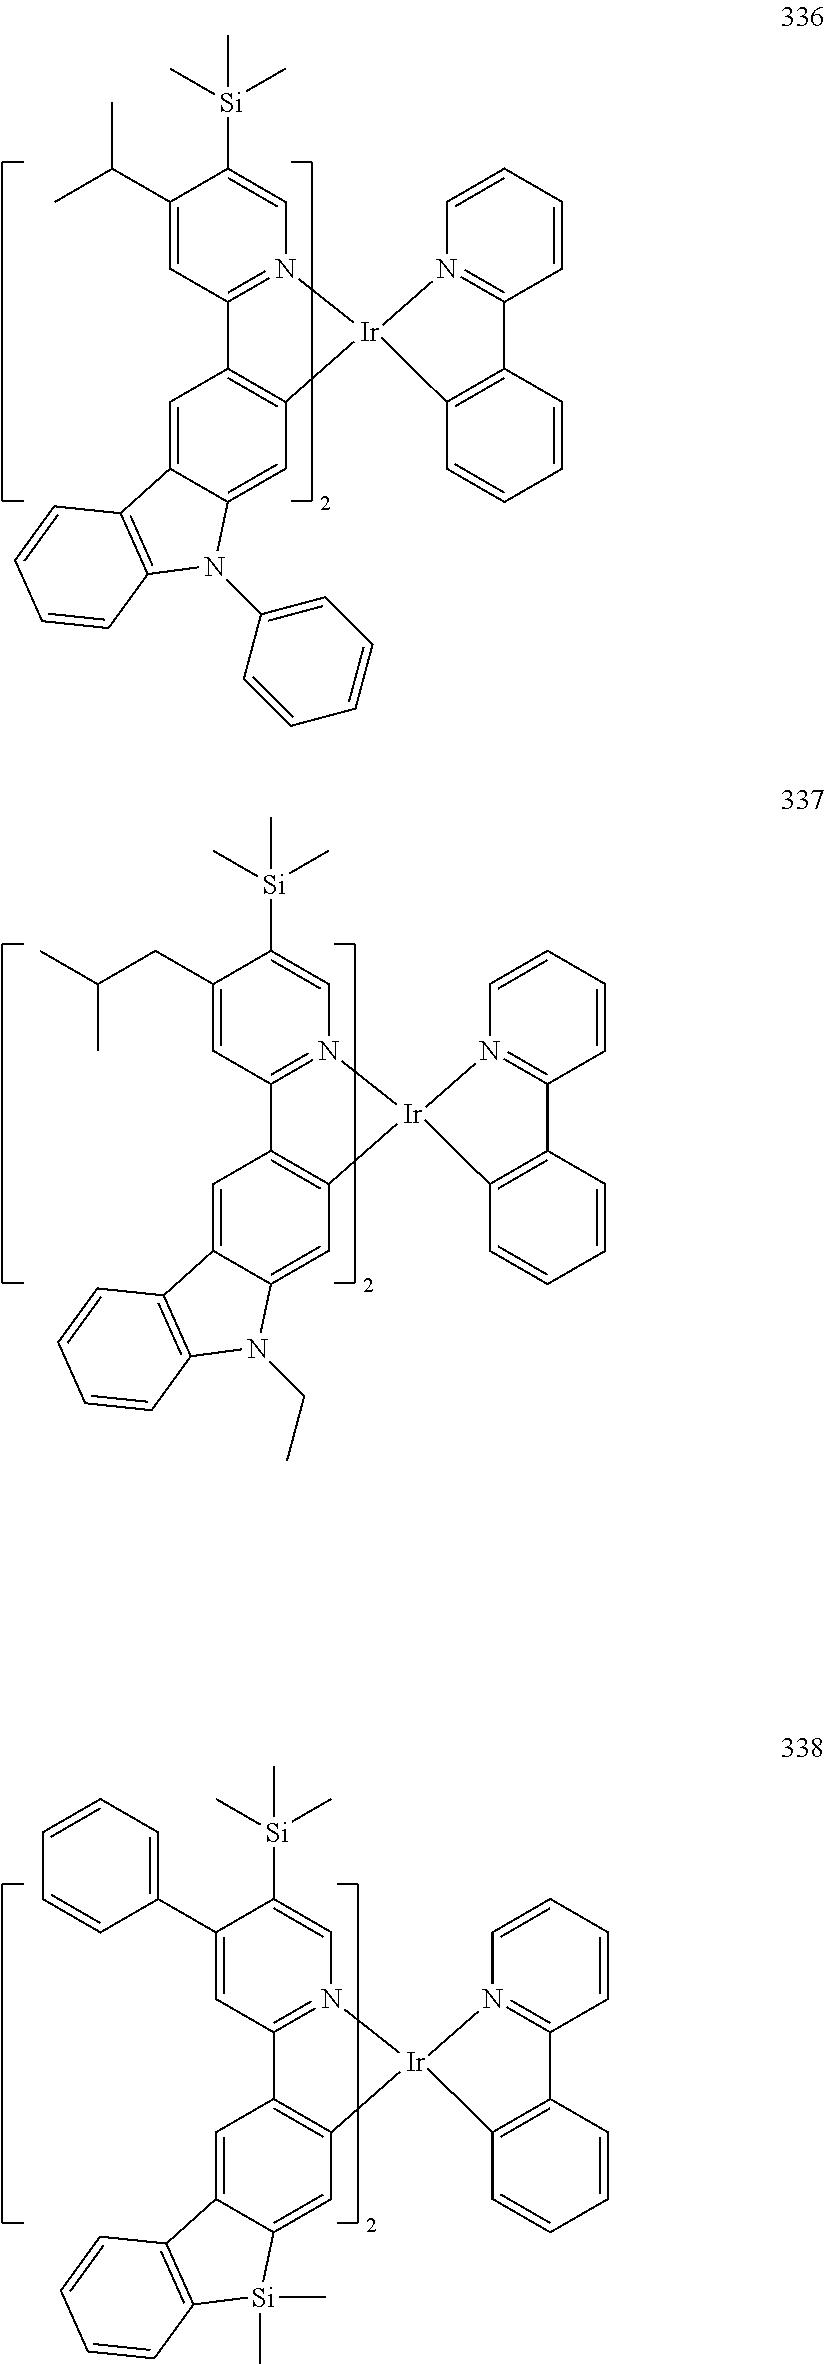 Figure US20160155962A1-20160602-C00164